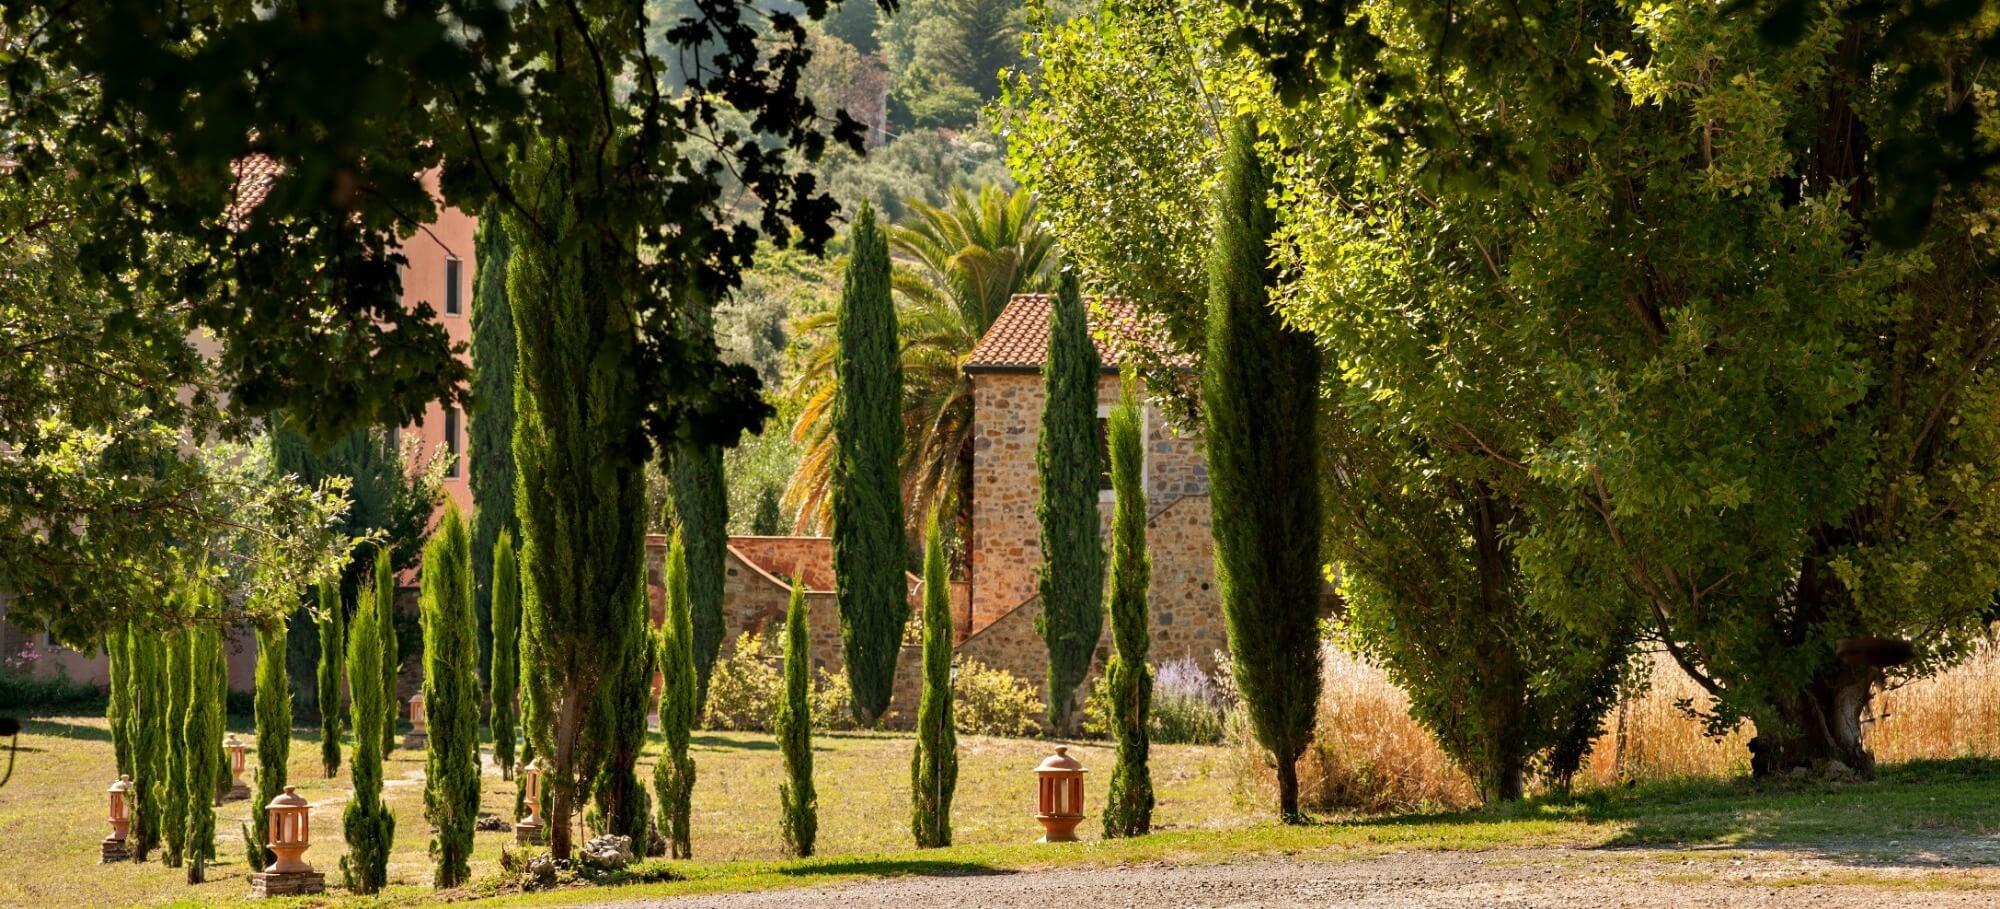 Hotel Toscana Terme di Saturnia